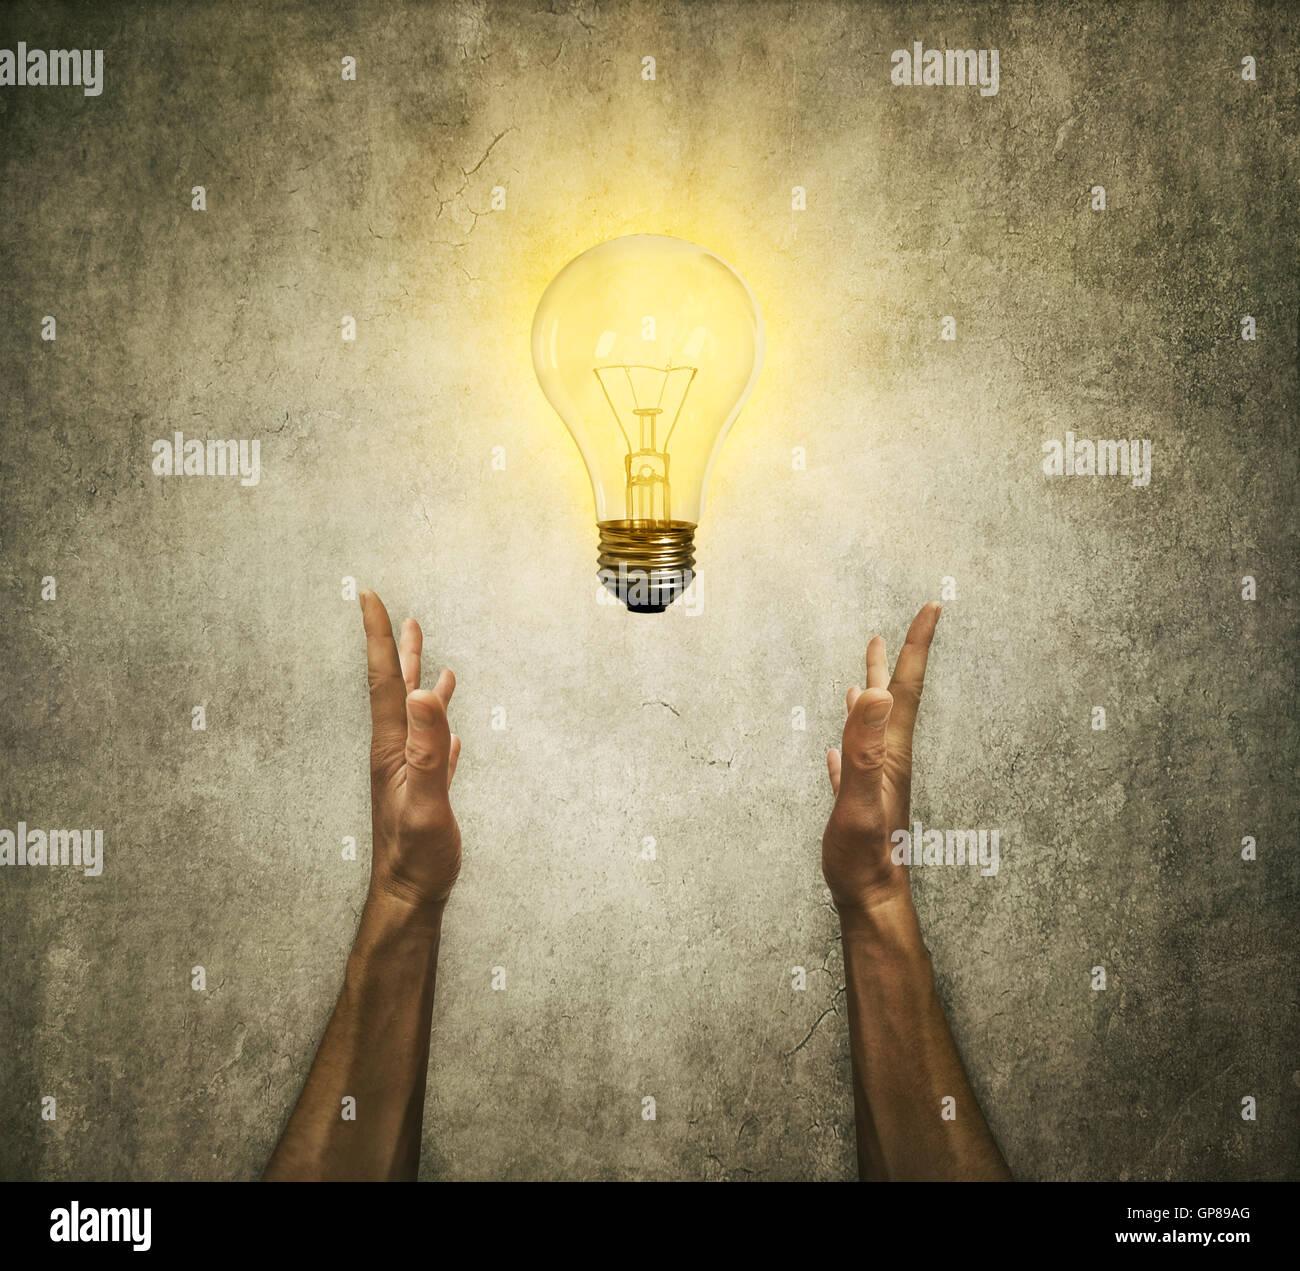 Nahaufnahme von zwei menschliche Hände halten eine Glühbirne. Kreativität und Idee Konzept Stockbild